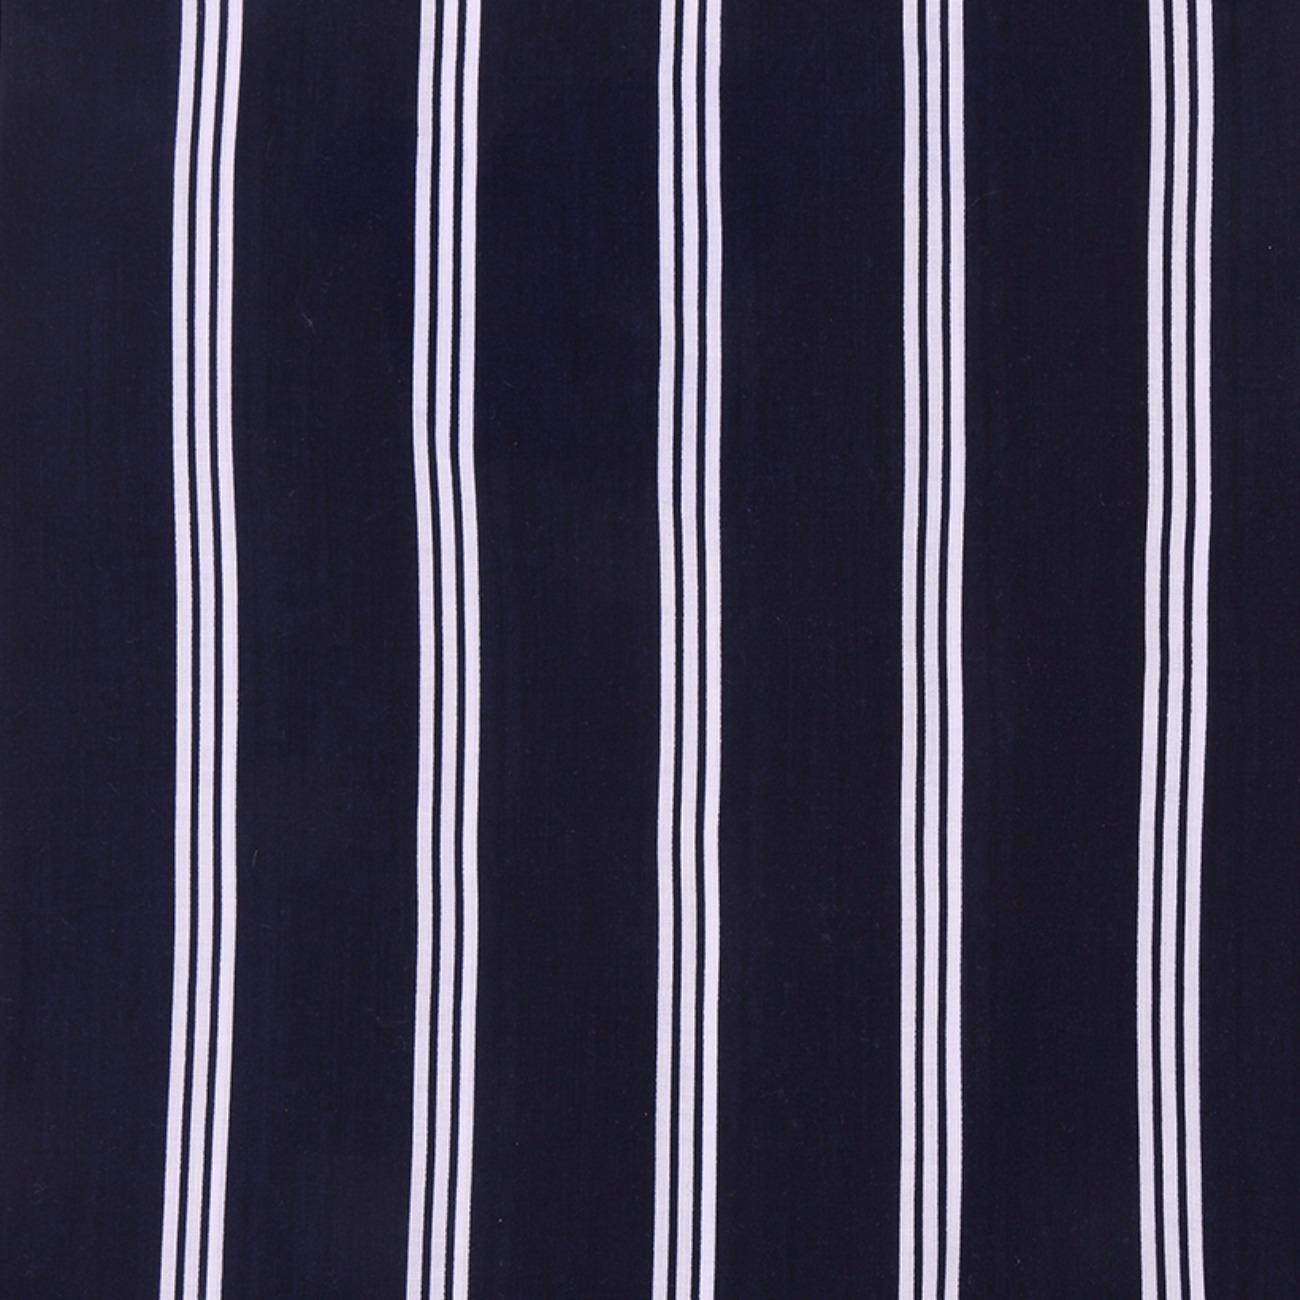 人棉期货条纹梭织印花无弹衬衫连衣裙 短裙 薄 棉感 70522-46